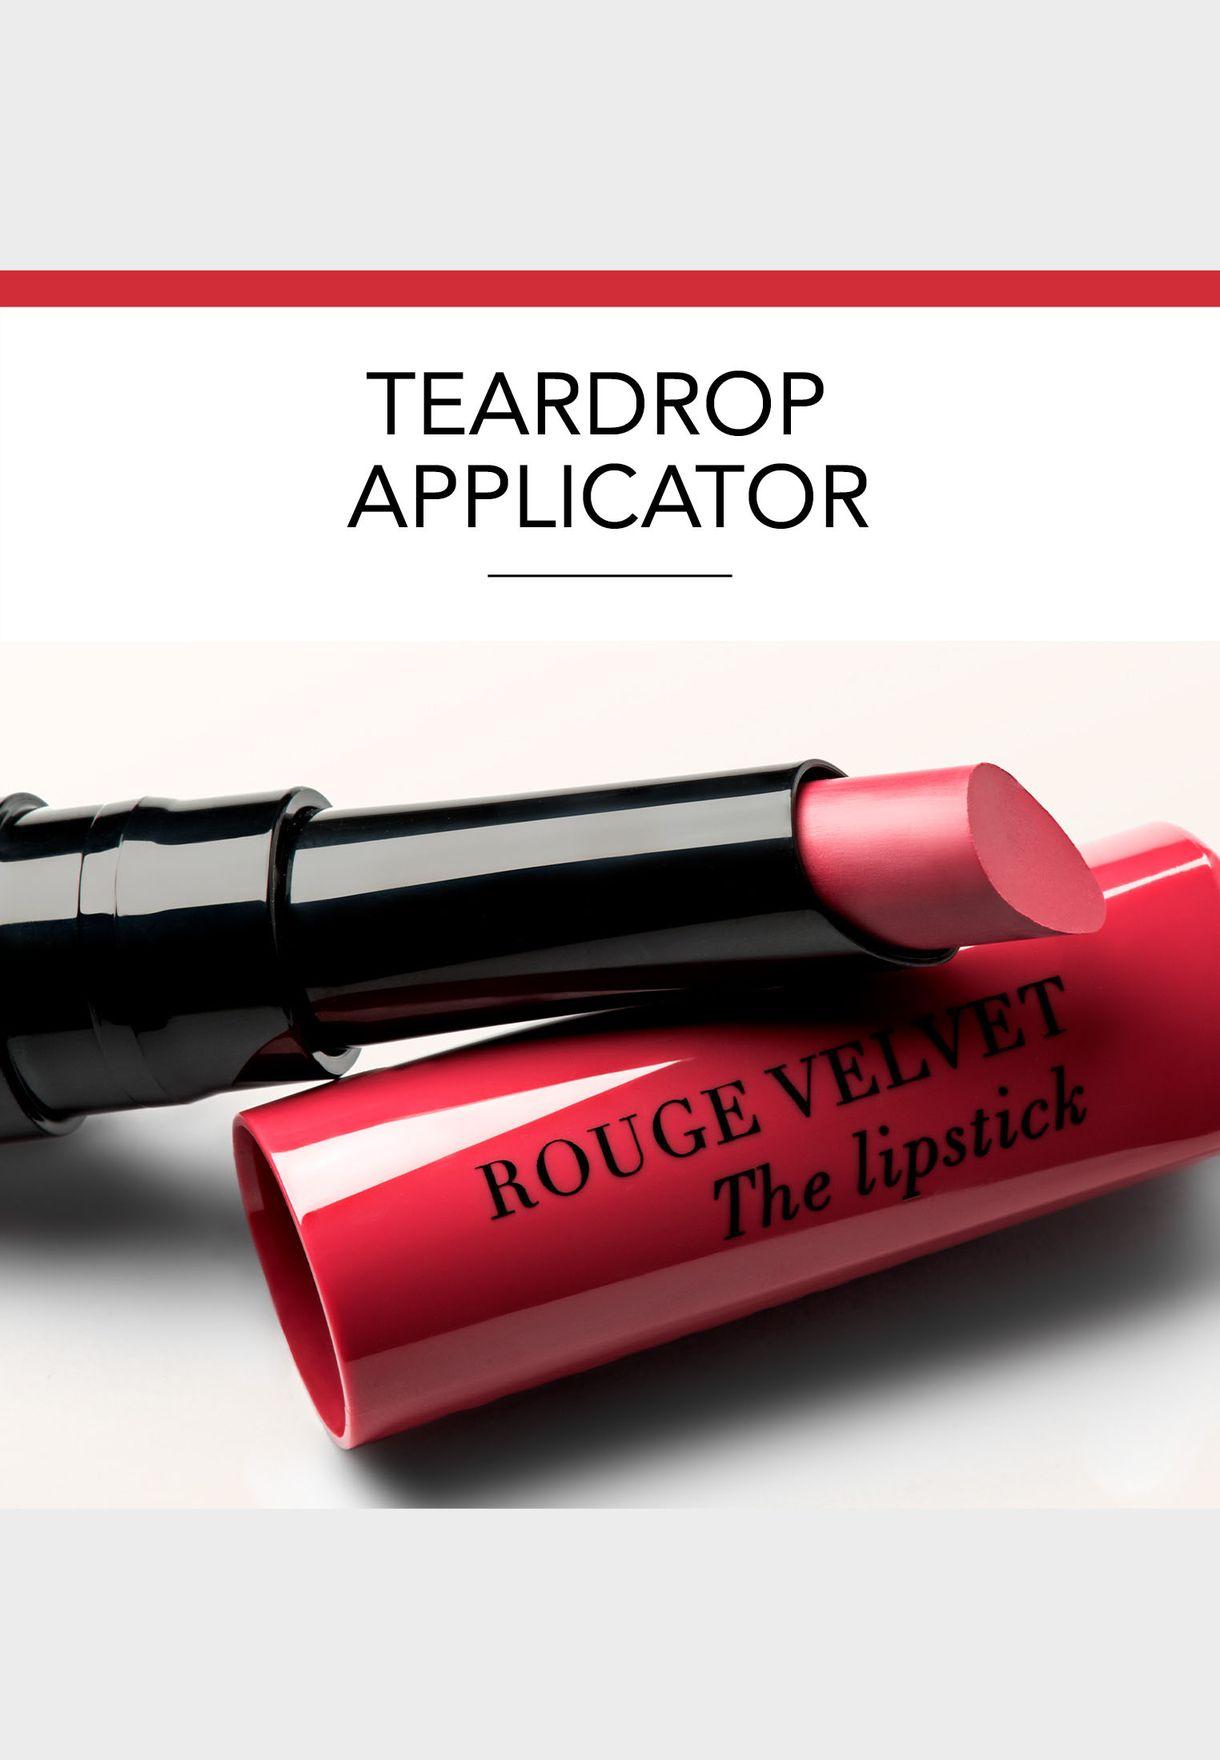 Rouge Velvet The Lipstick 09 Fuchsia Botte